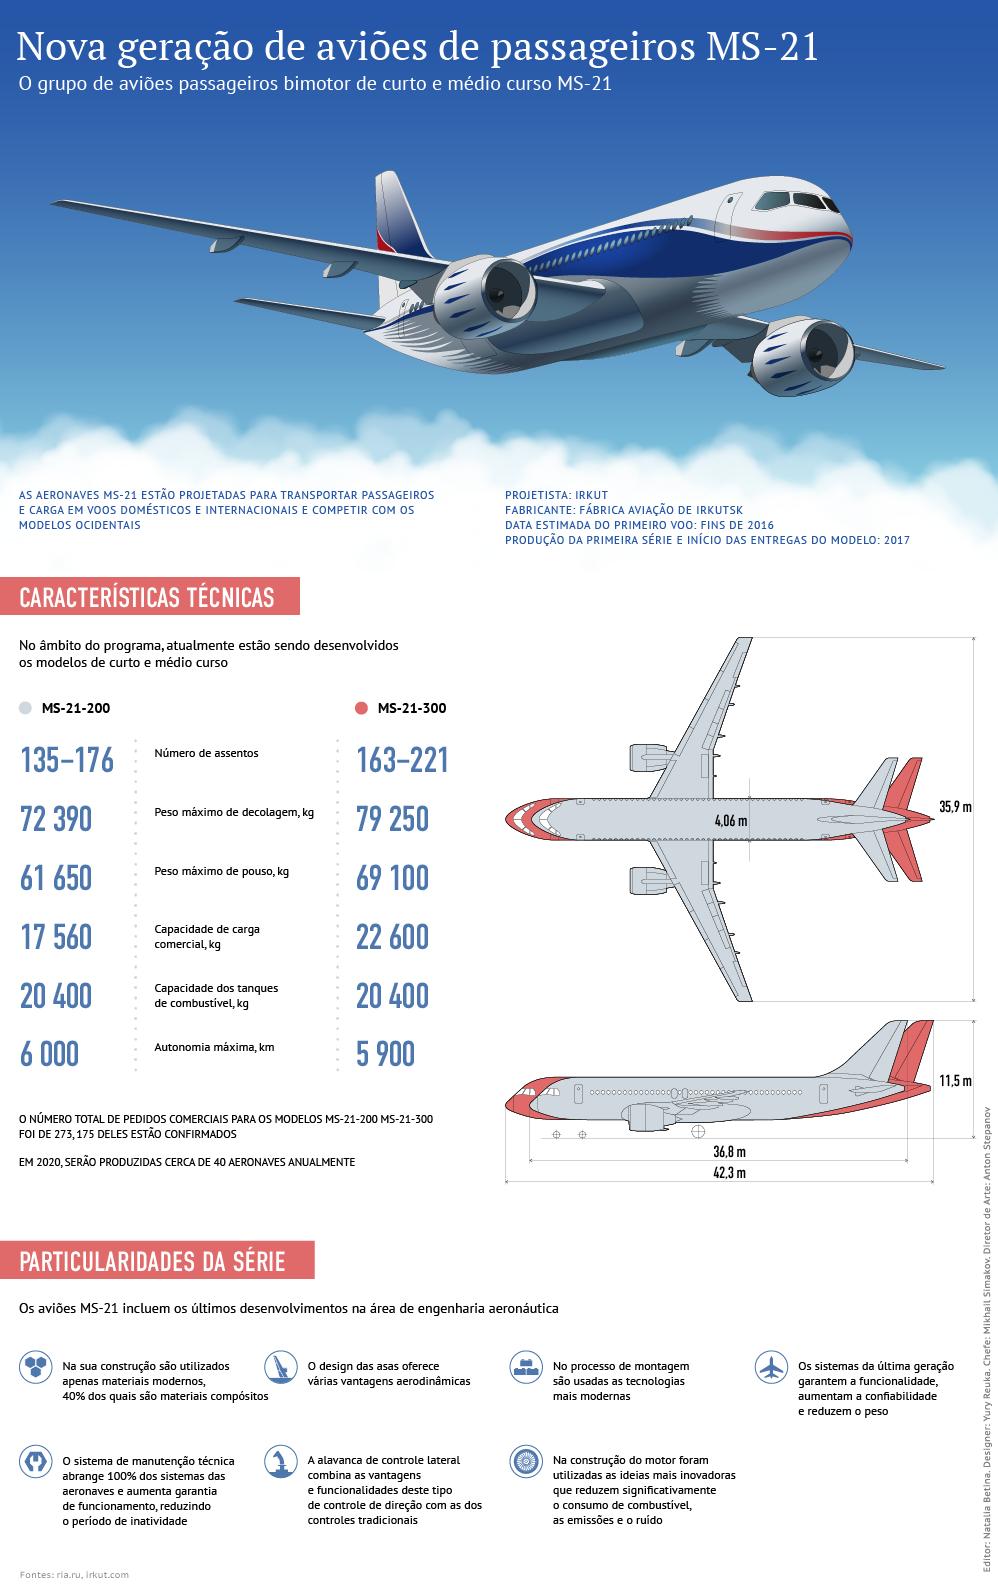 Nova geração de aviões de passageiros MS-21